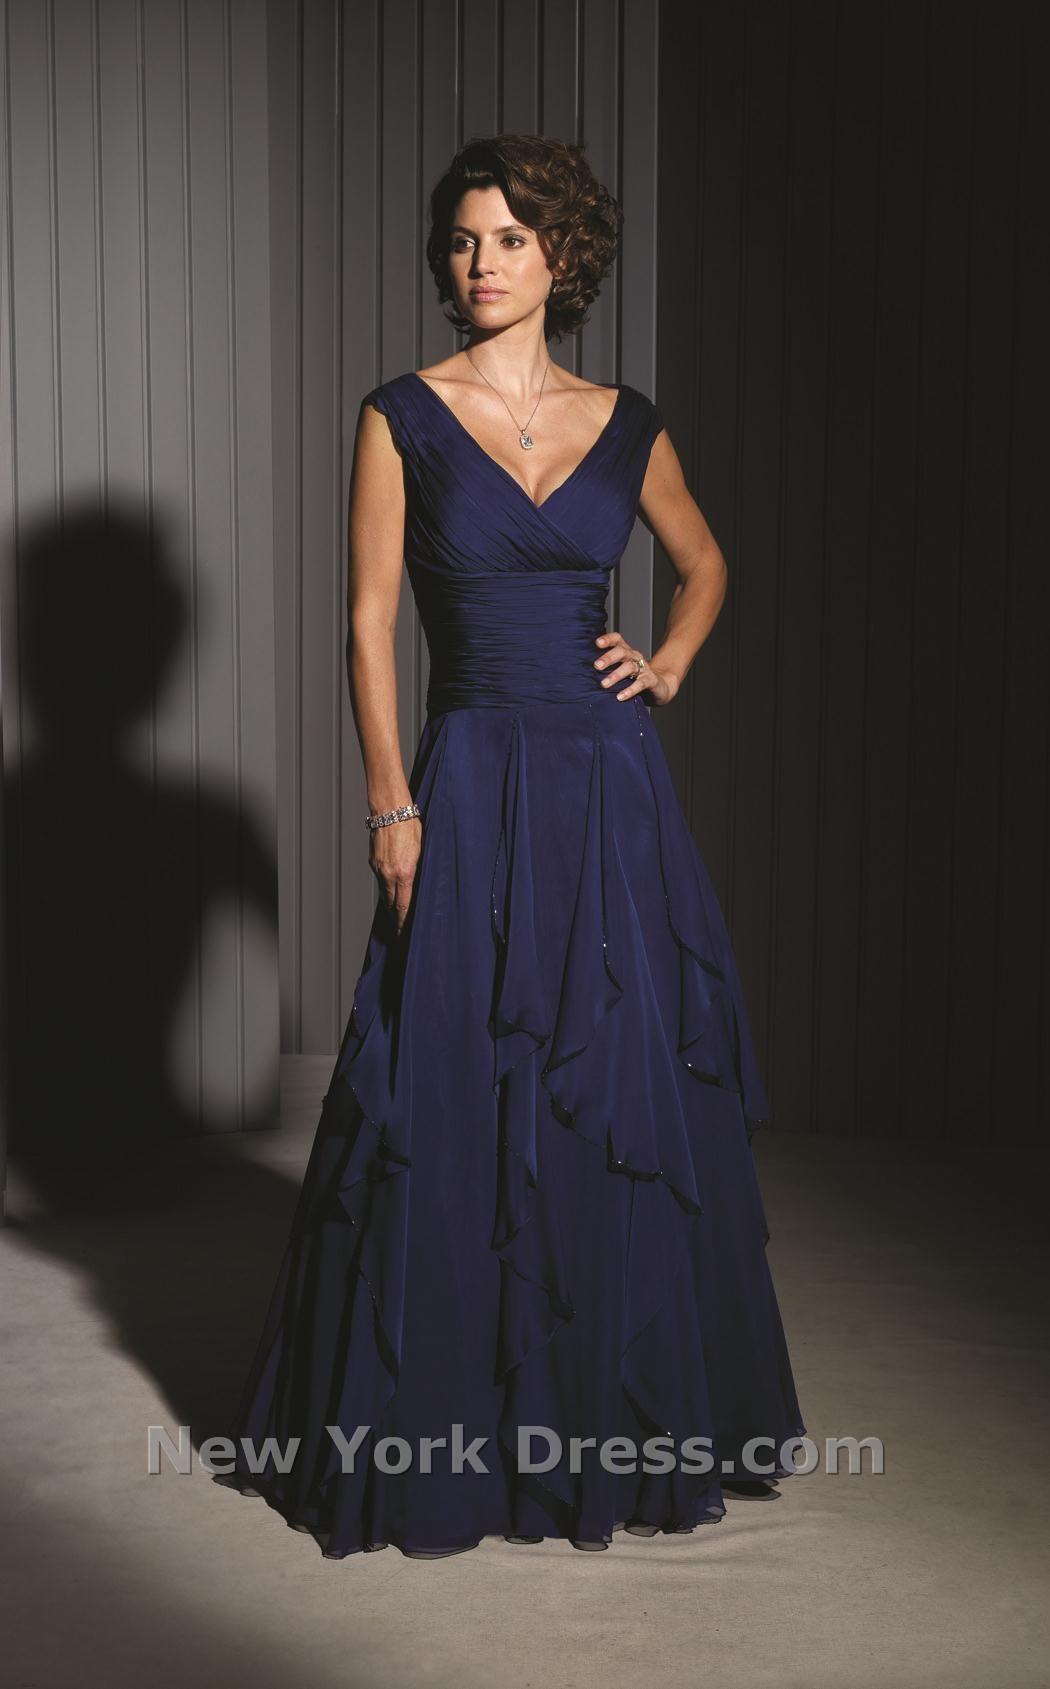 best images about dresses on pinterest oscar de la renta sexy